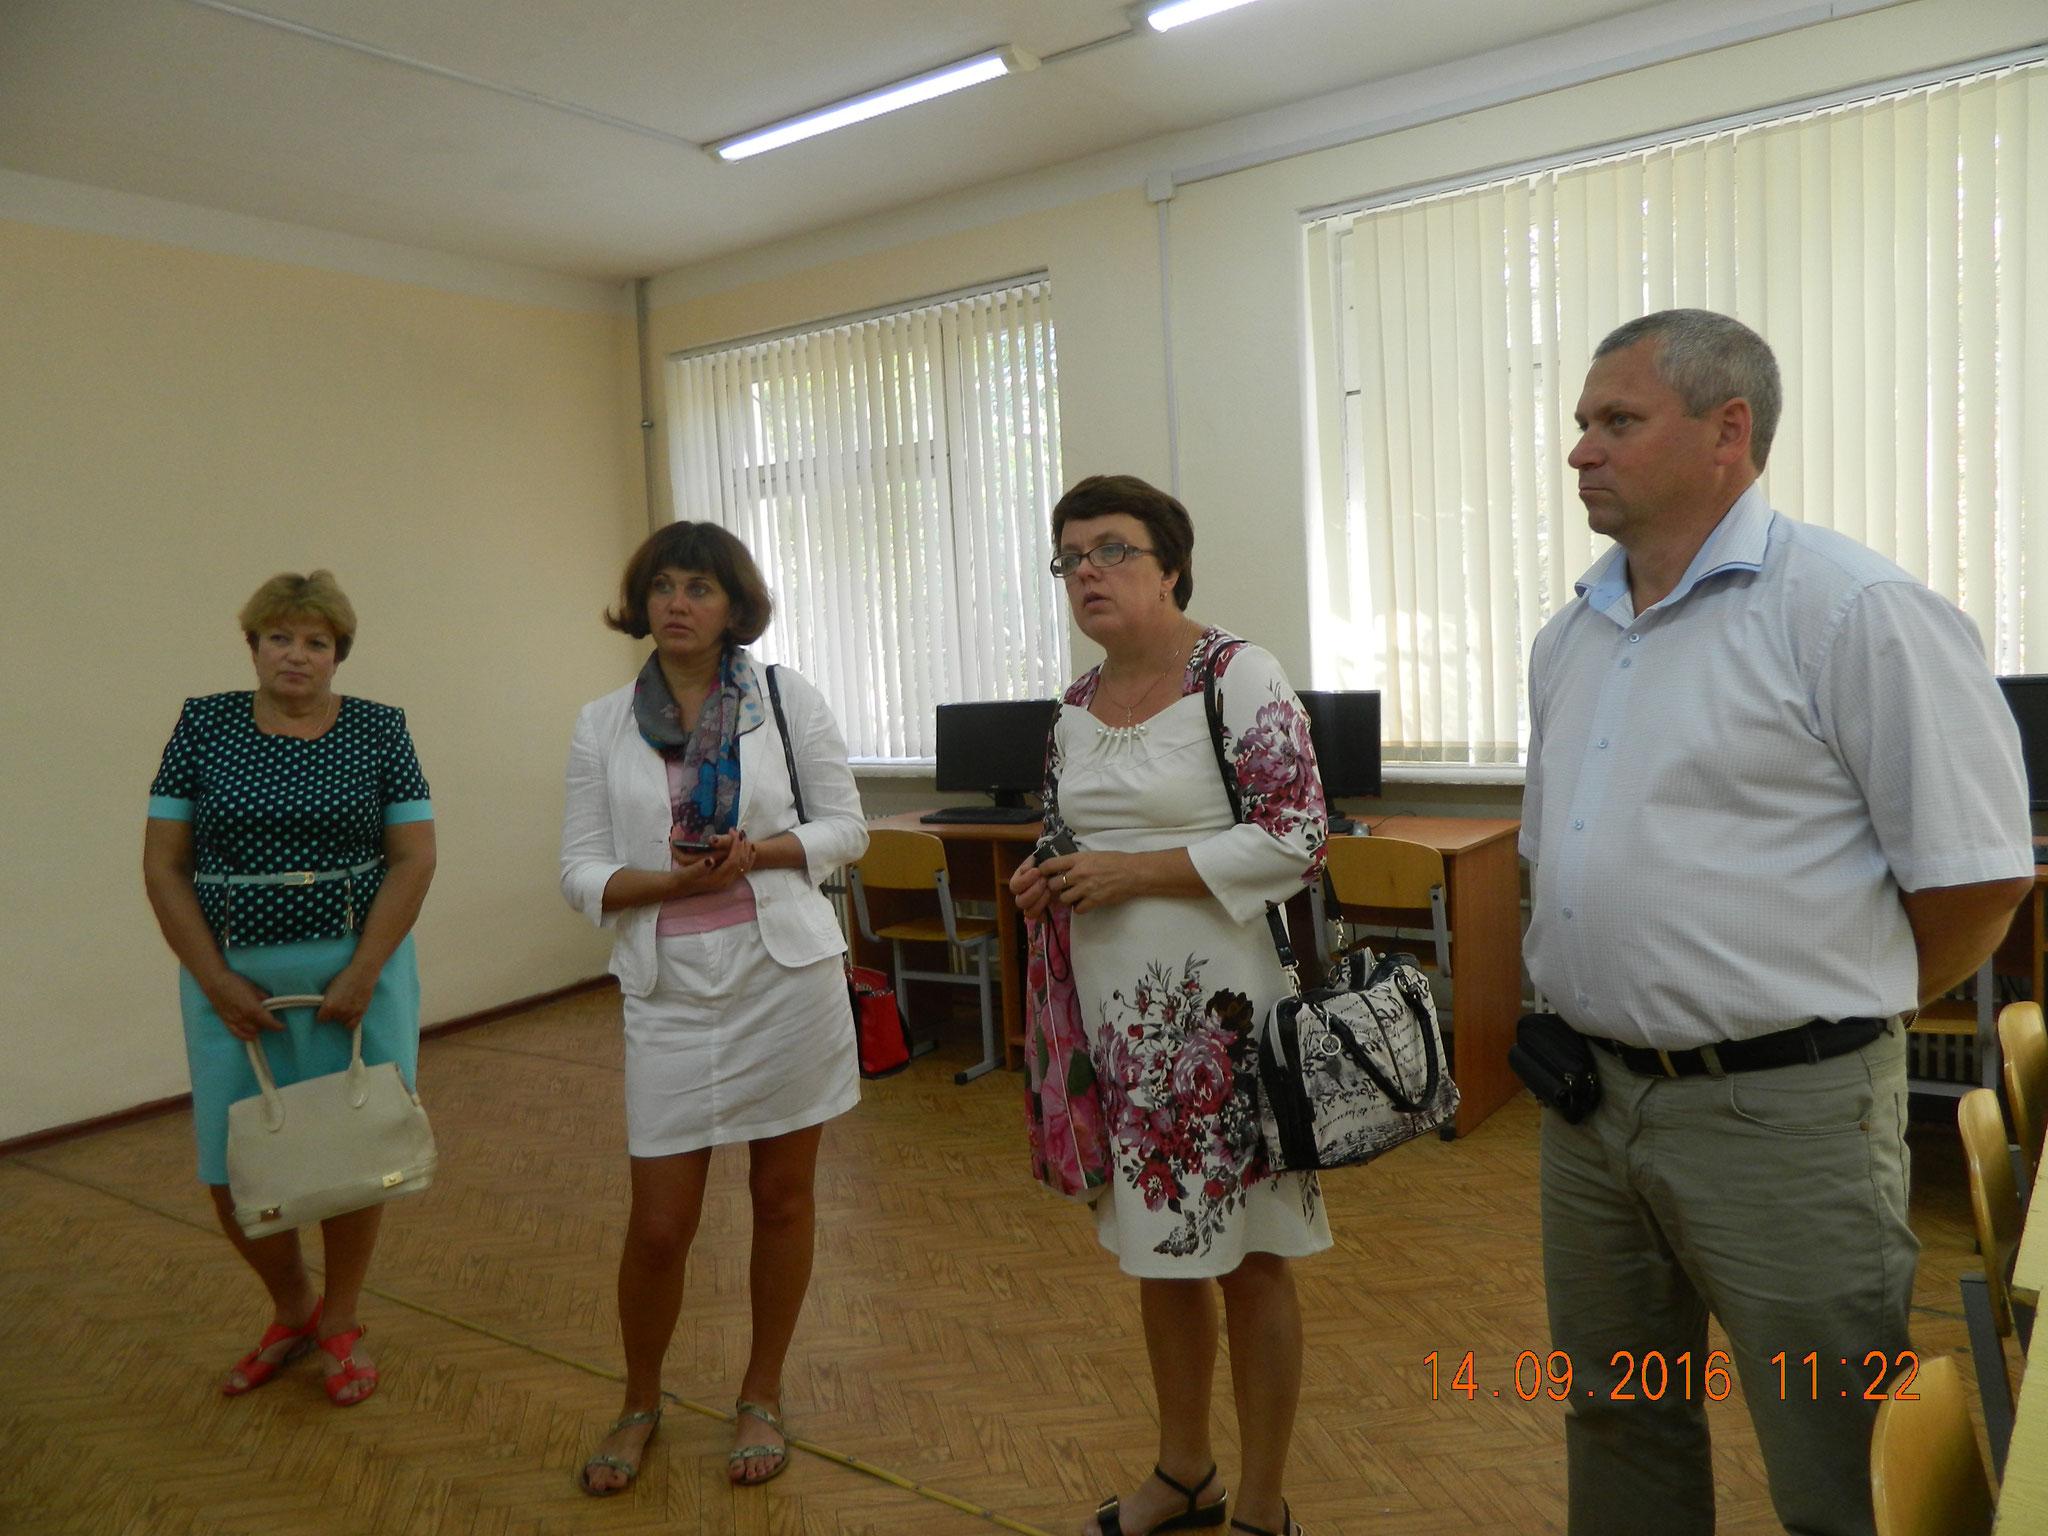 засідання  навчально-методичних комісій аграрних технікумів та коледжів із спеціальностей«Менеджмент» та «Право»